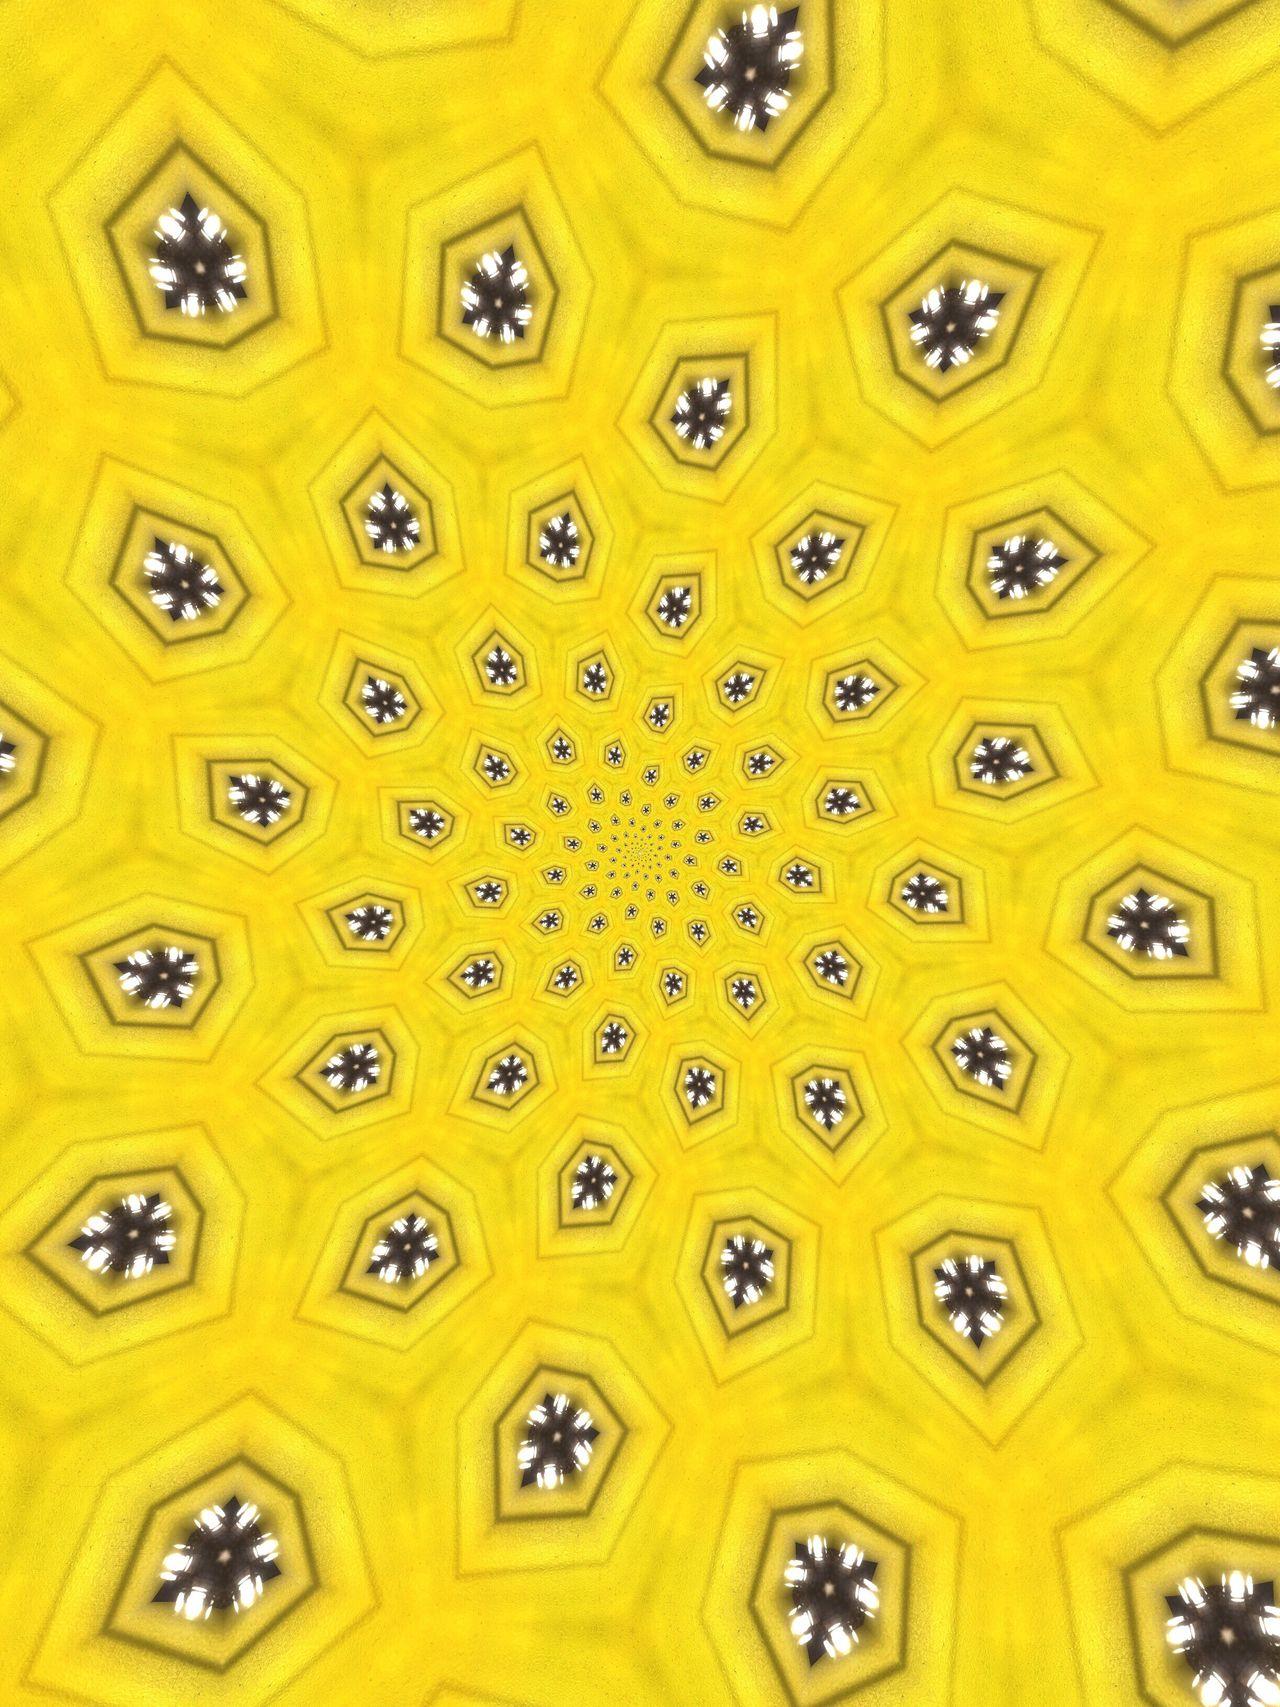 Черепашки в Засаде.Калейдоскоп. Abstract Futuristic Psychedelicart Art, Drawing, Creativity артфото Психоделика